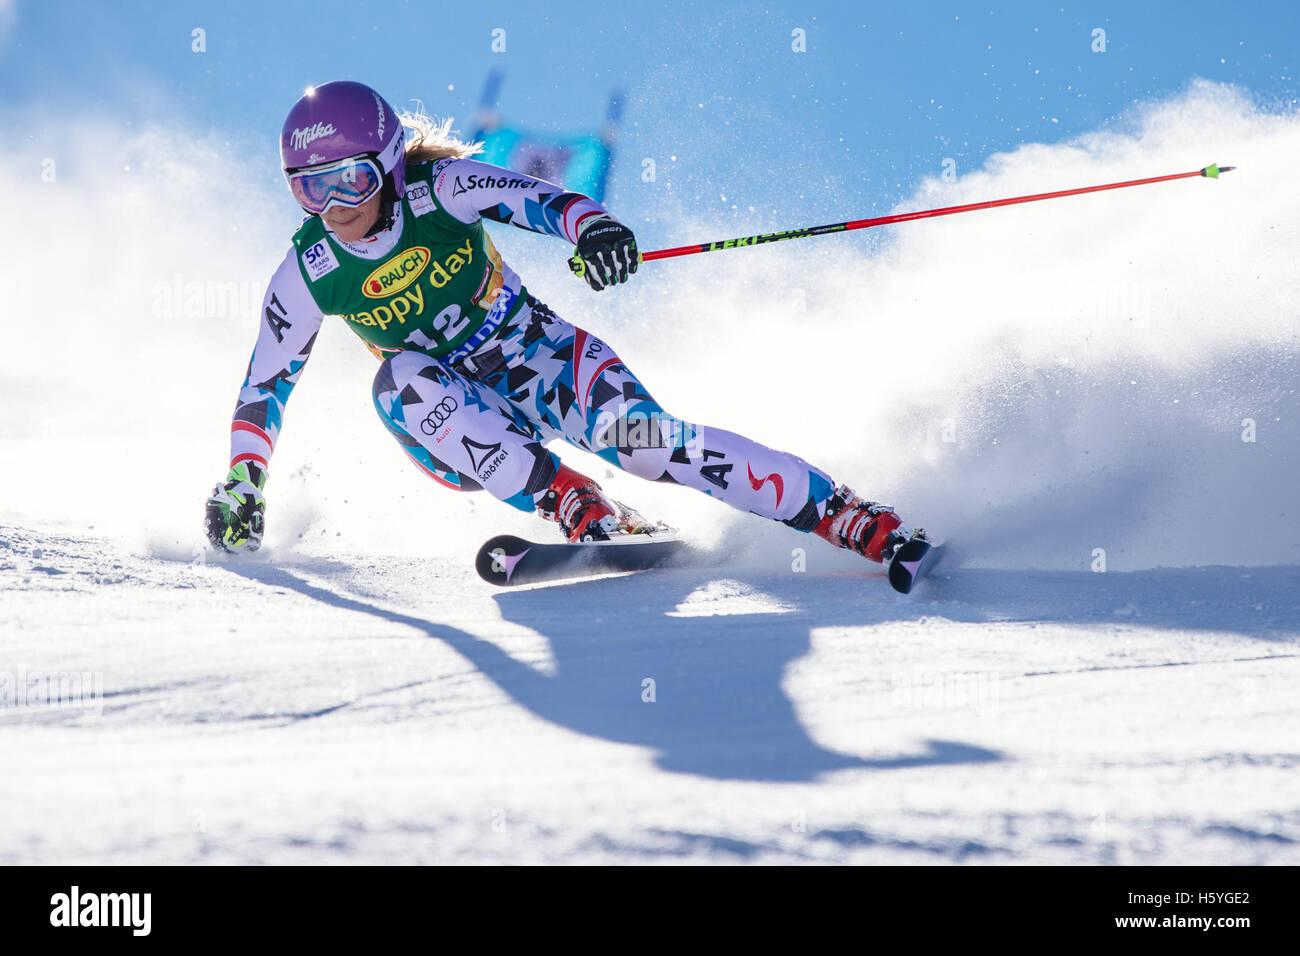 Sölden, Autriche. 22 octobre, 2016. Eza Vista de l'Autriche est en concurrence Michaela au cours de la Photo Stock